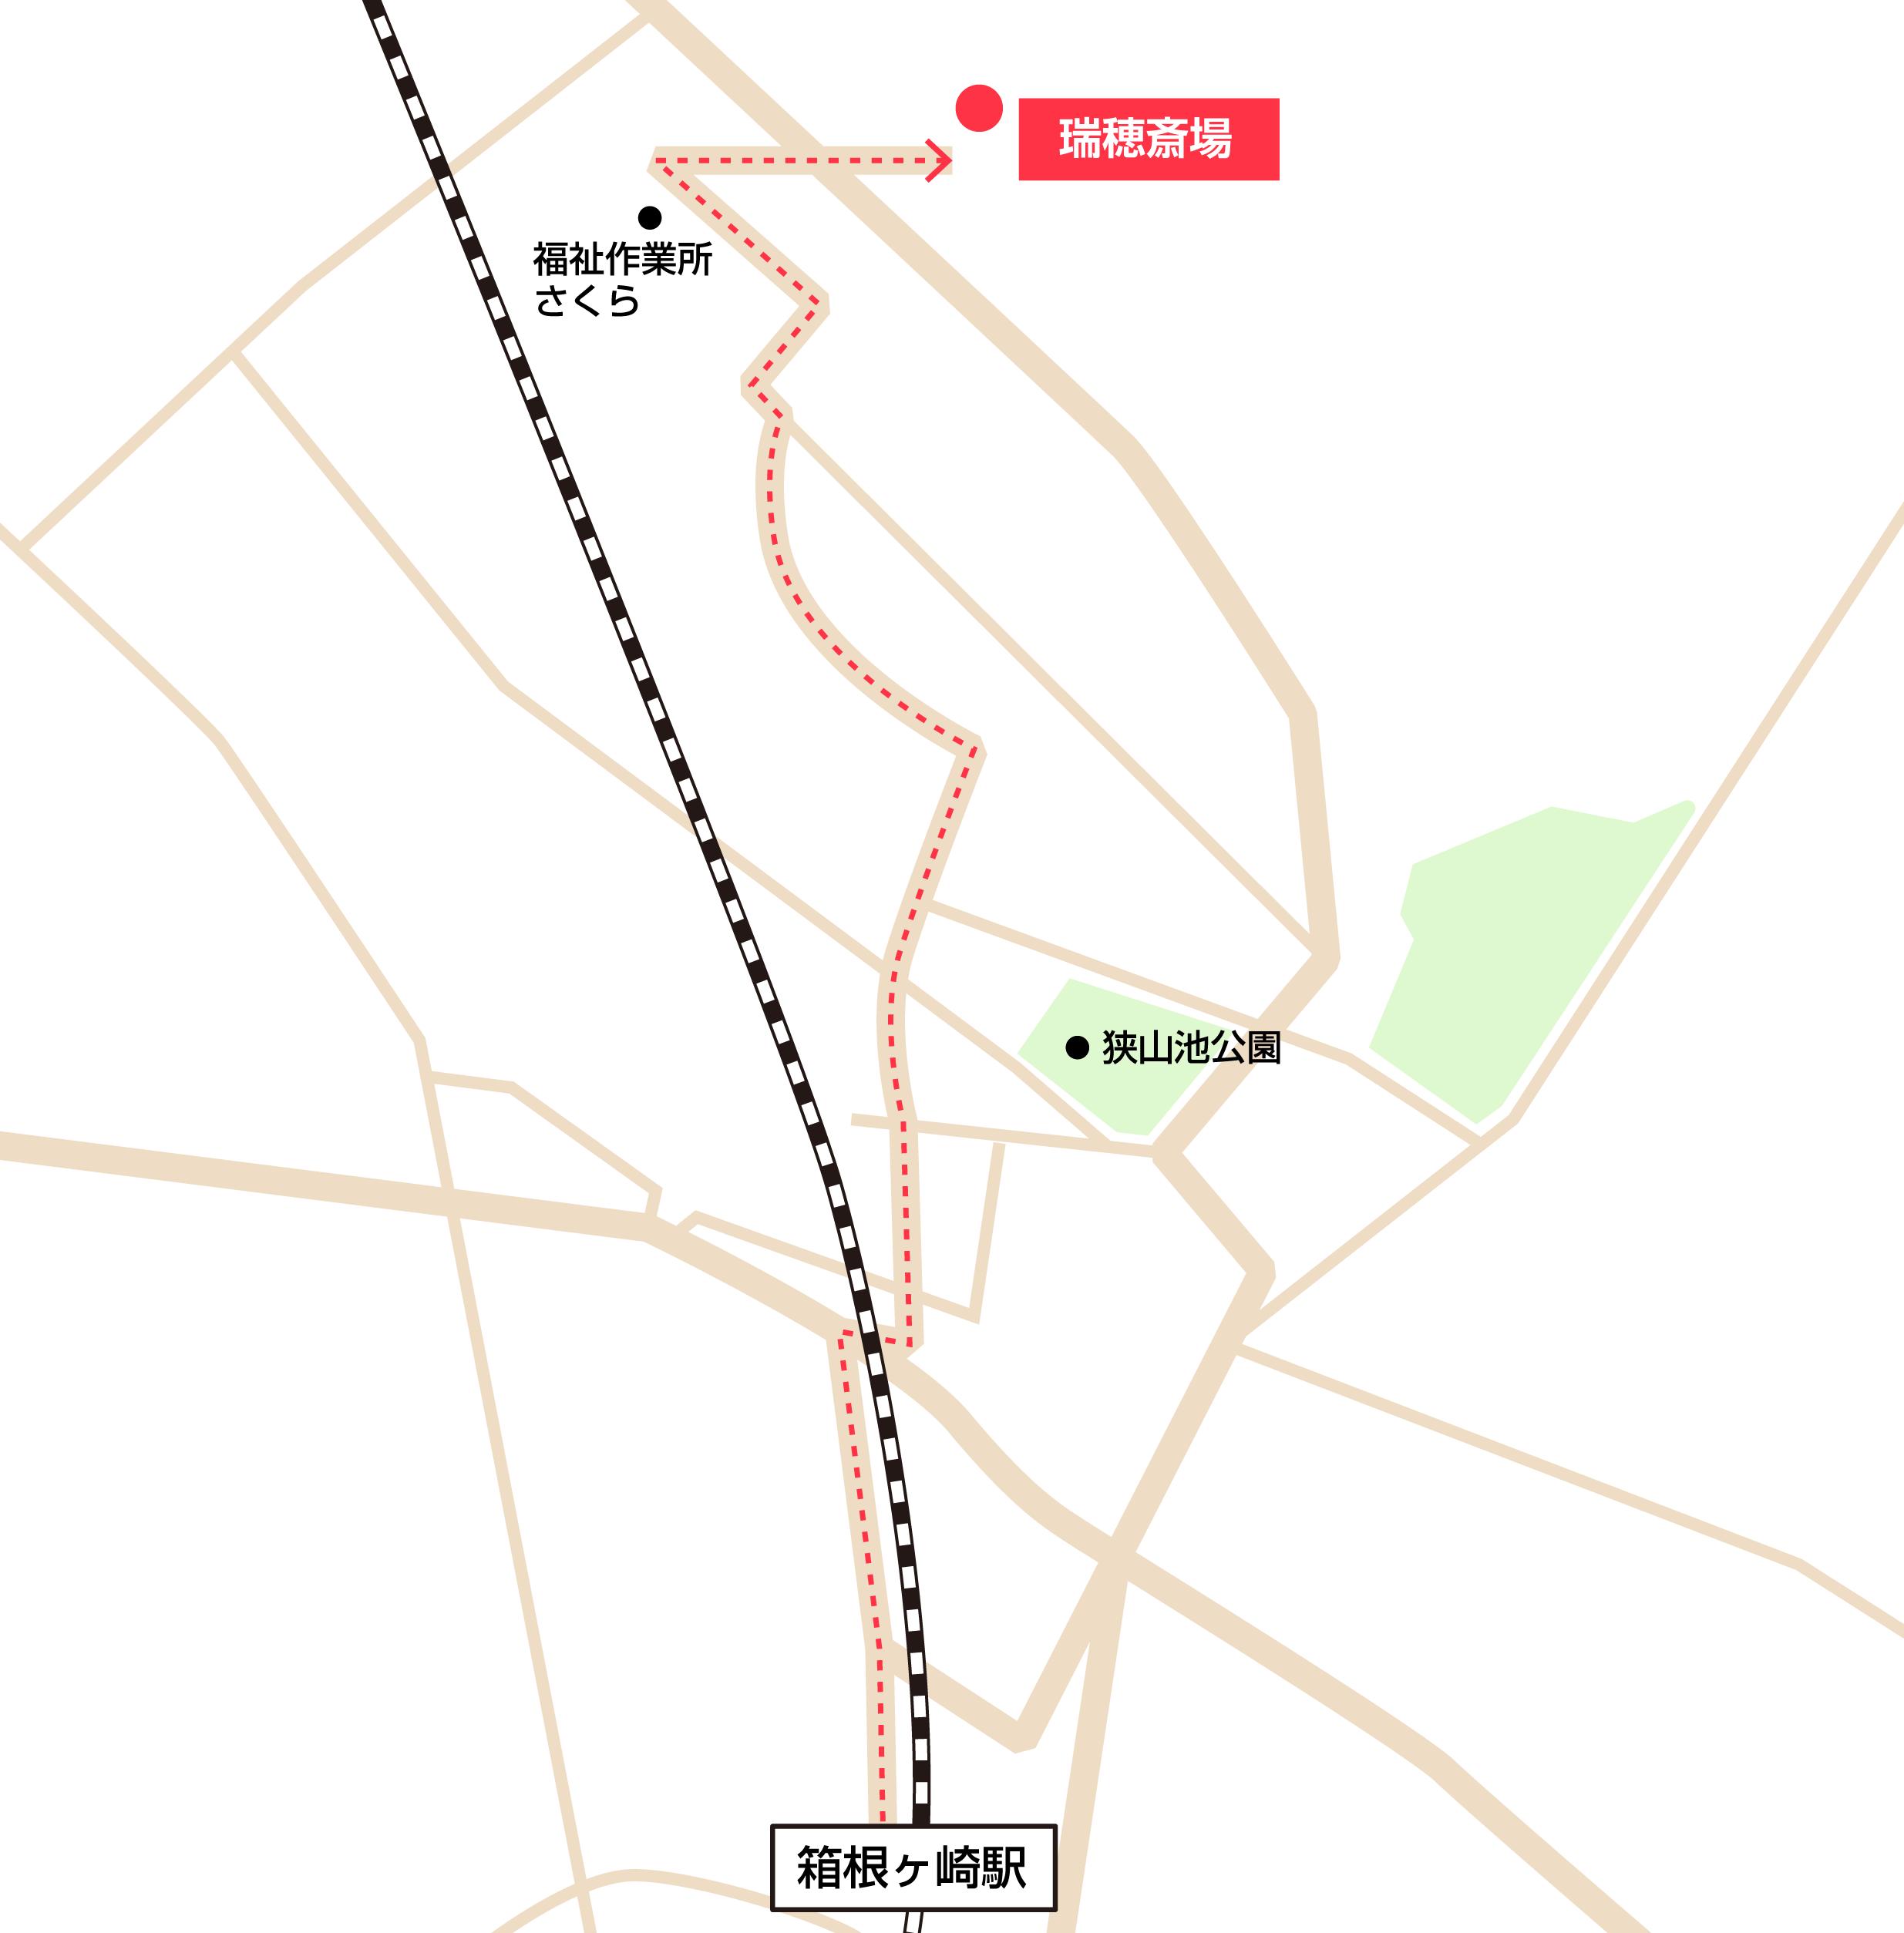 瑞穂斎場への徒歩・バスでの行き方・アクセスを記した地図